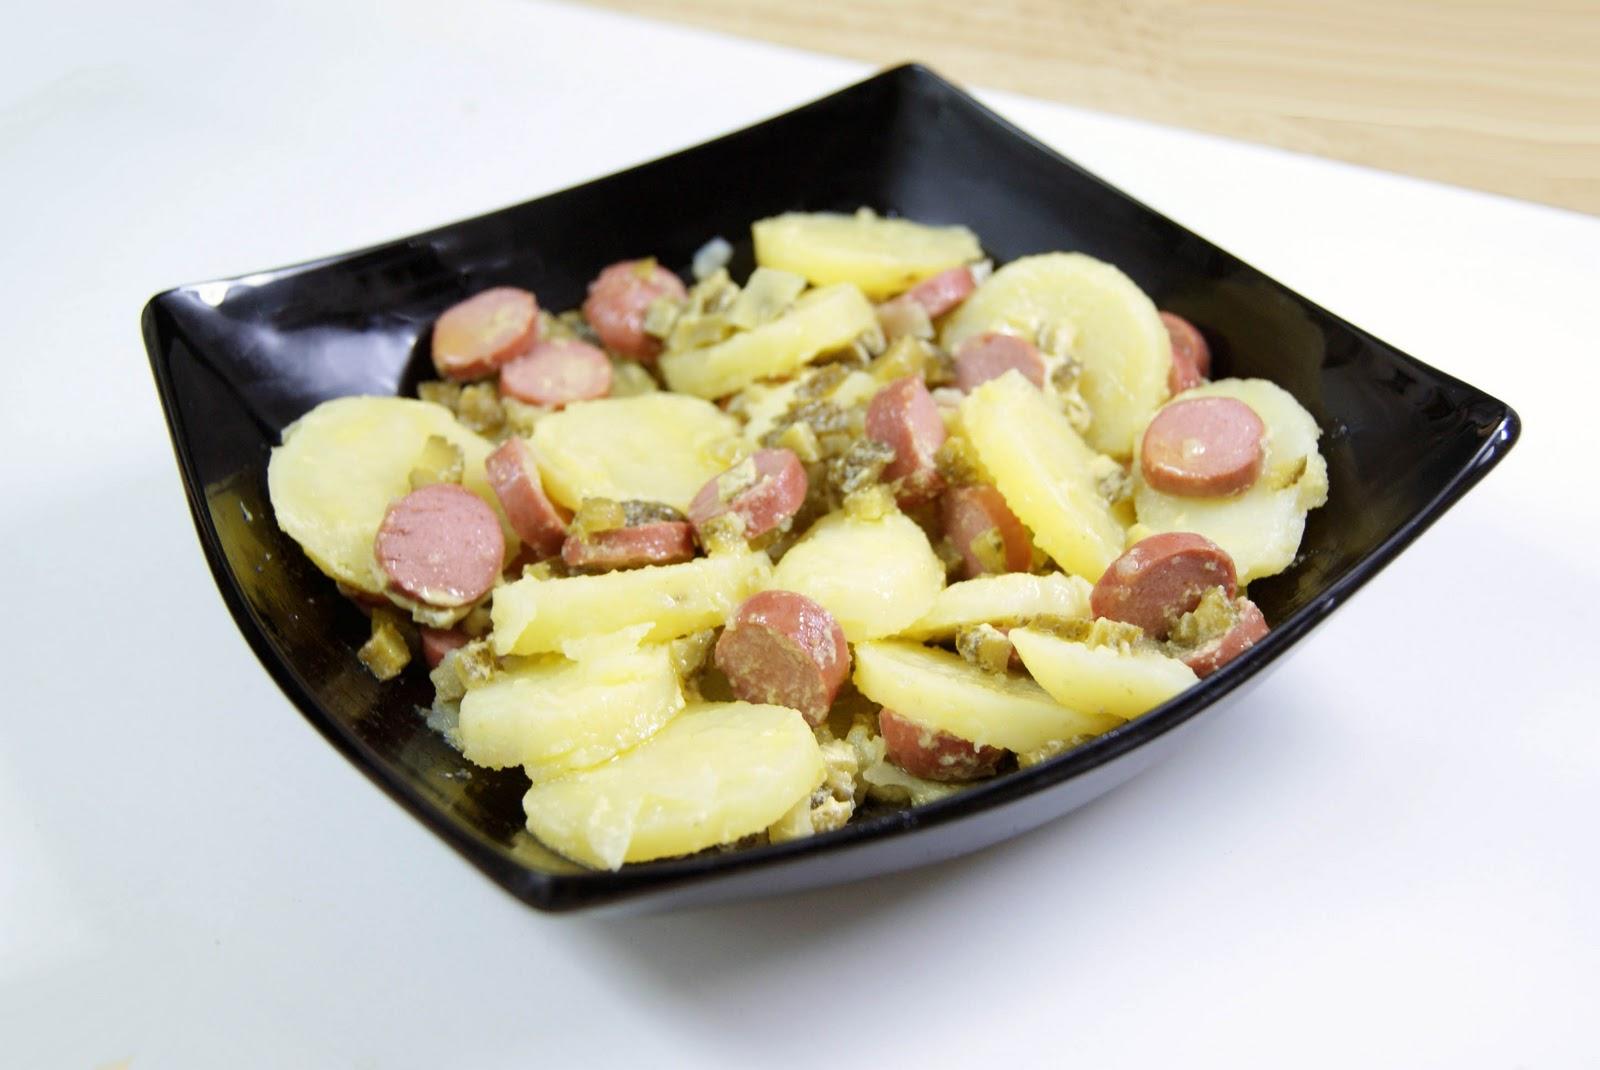 Cocinerando ensalada de patatas alemana - Ensalada alemana de patatas ...